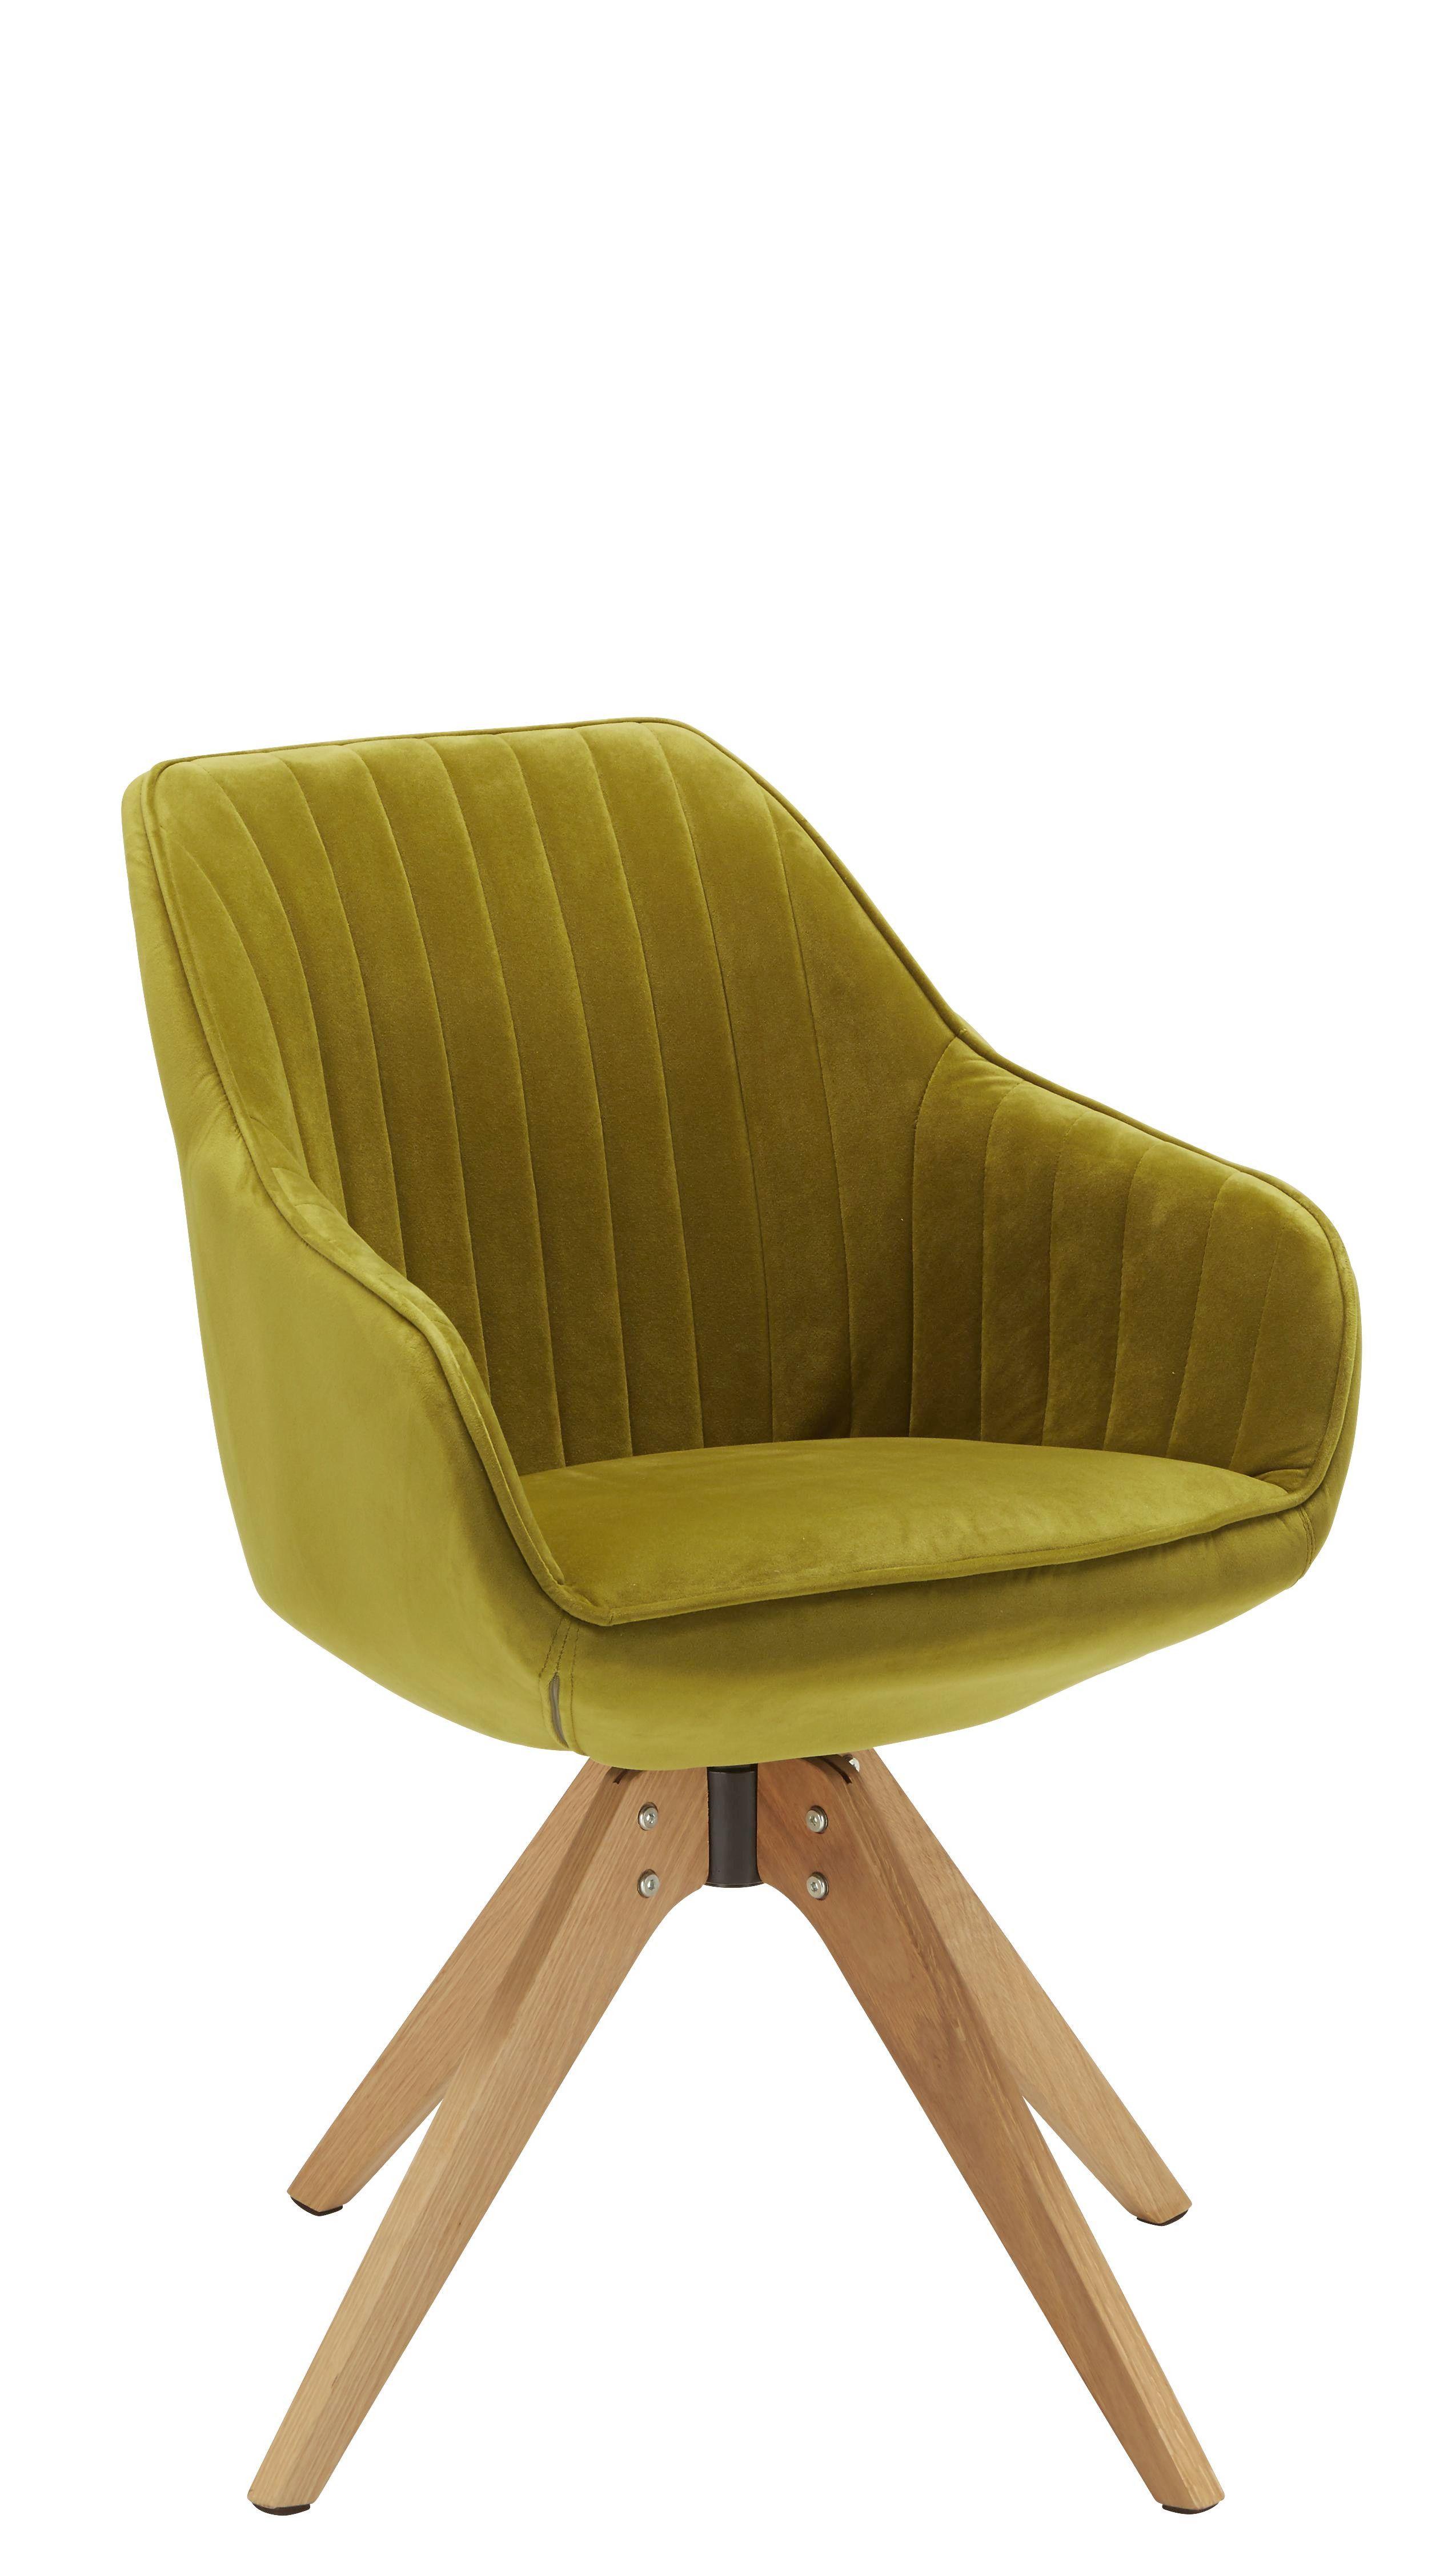 Židle S Područkami Chill - barvy dubu/zelená, dřevo/textilie (60/83/50/65cm) - Modern Living